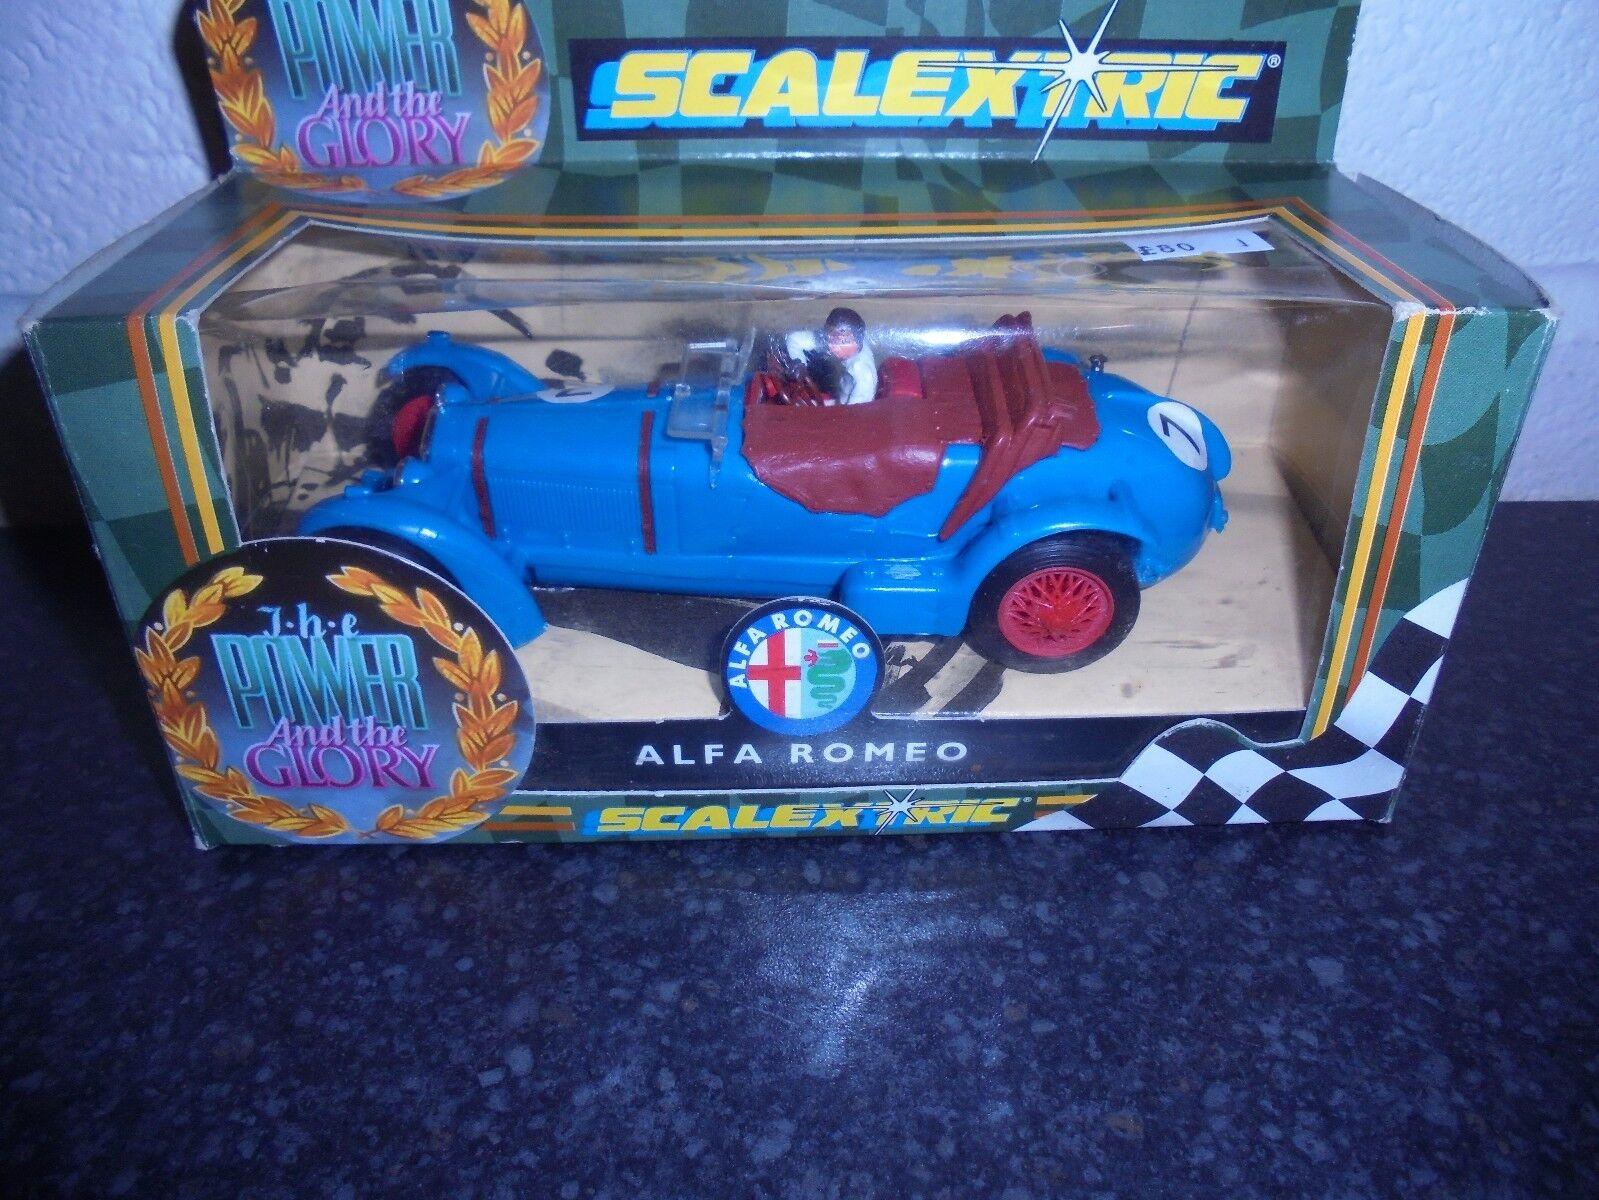 Scalextric C306  Power & Glory  re issue  Alfa Romeo new m b